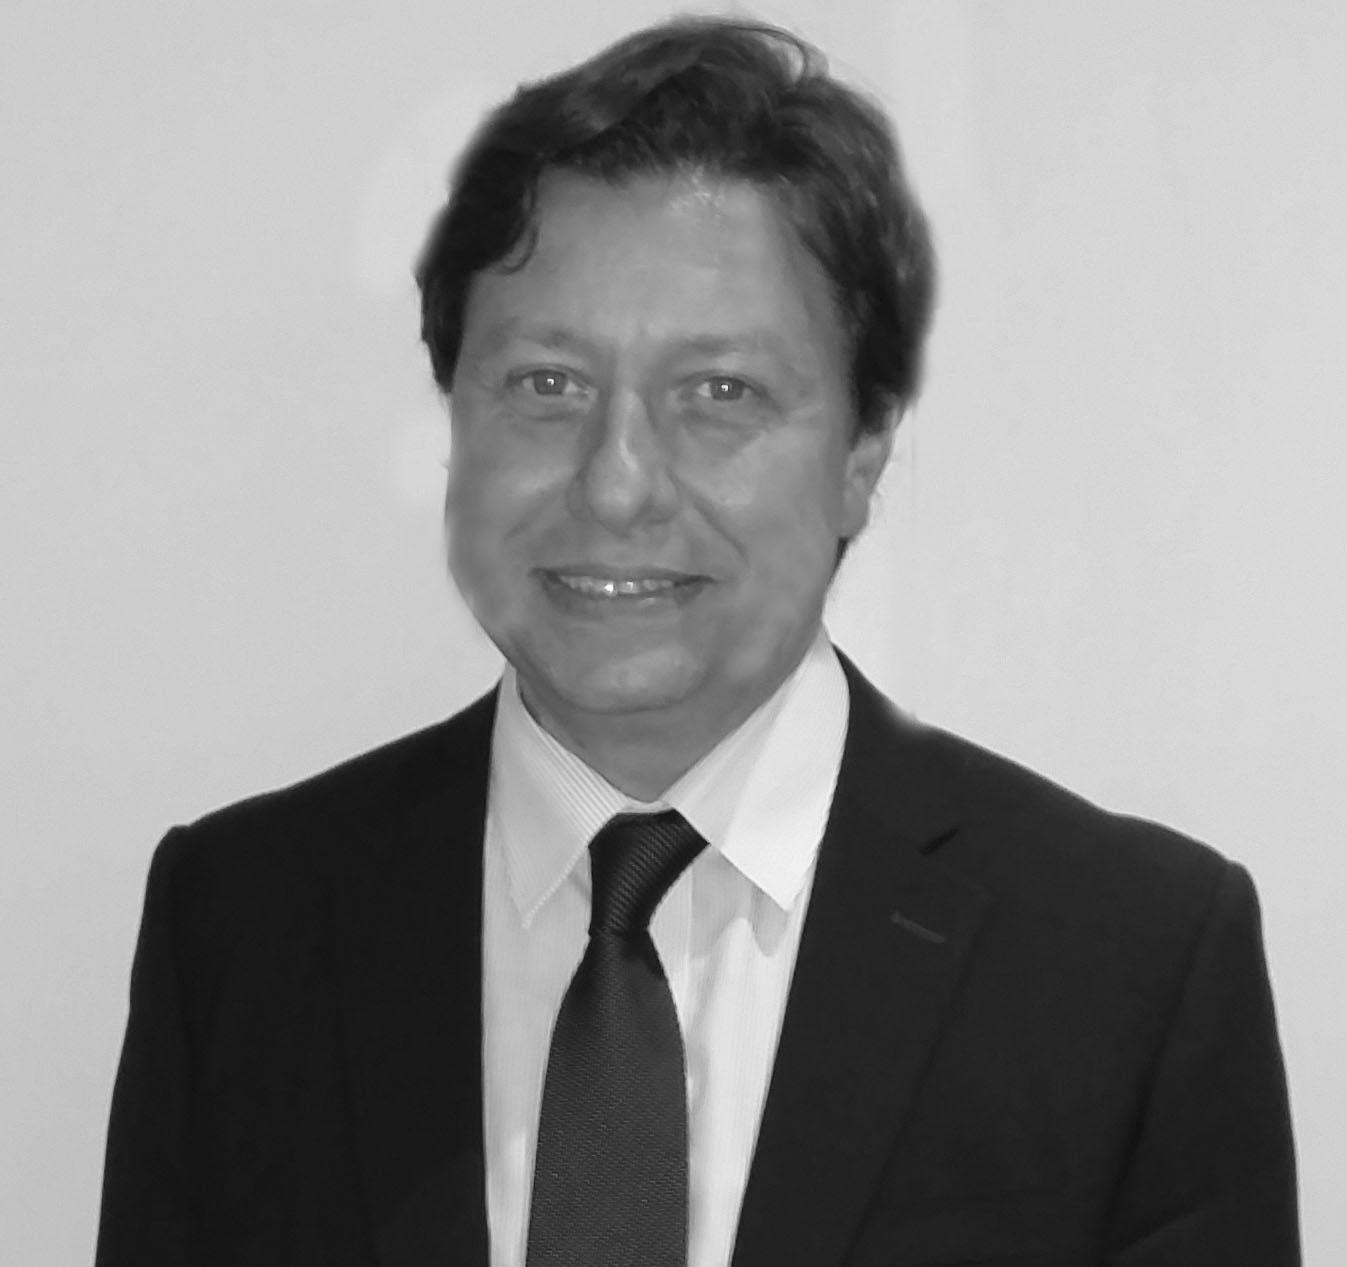 Frédéric Arnoult